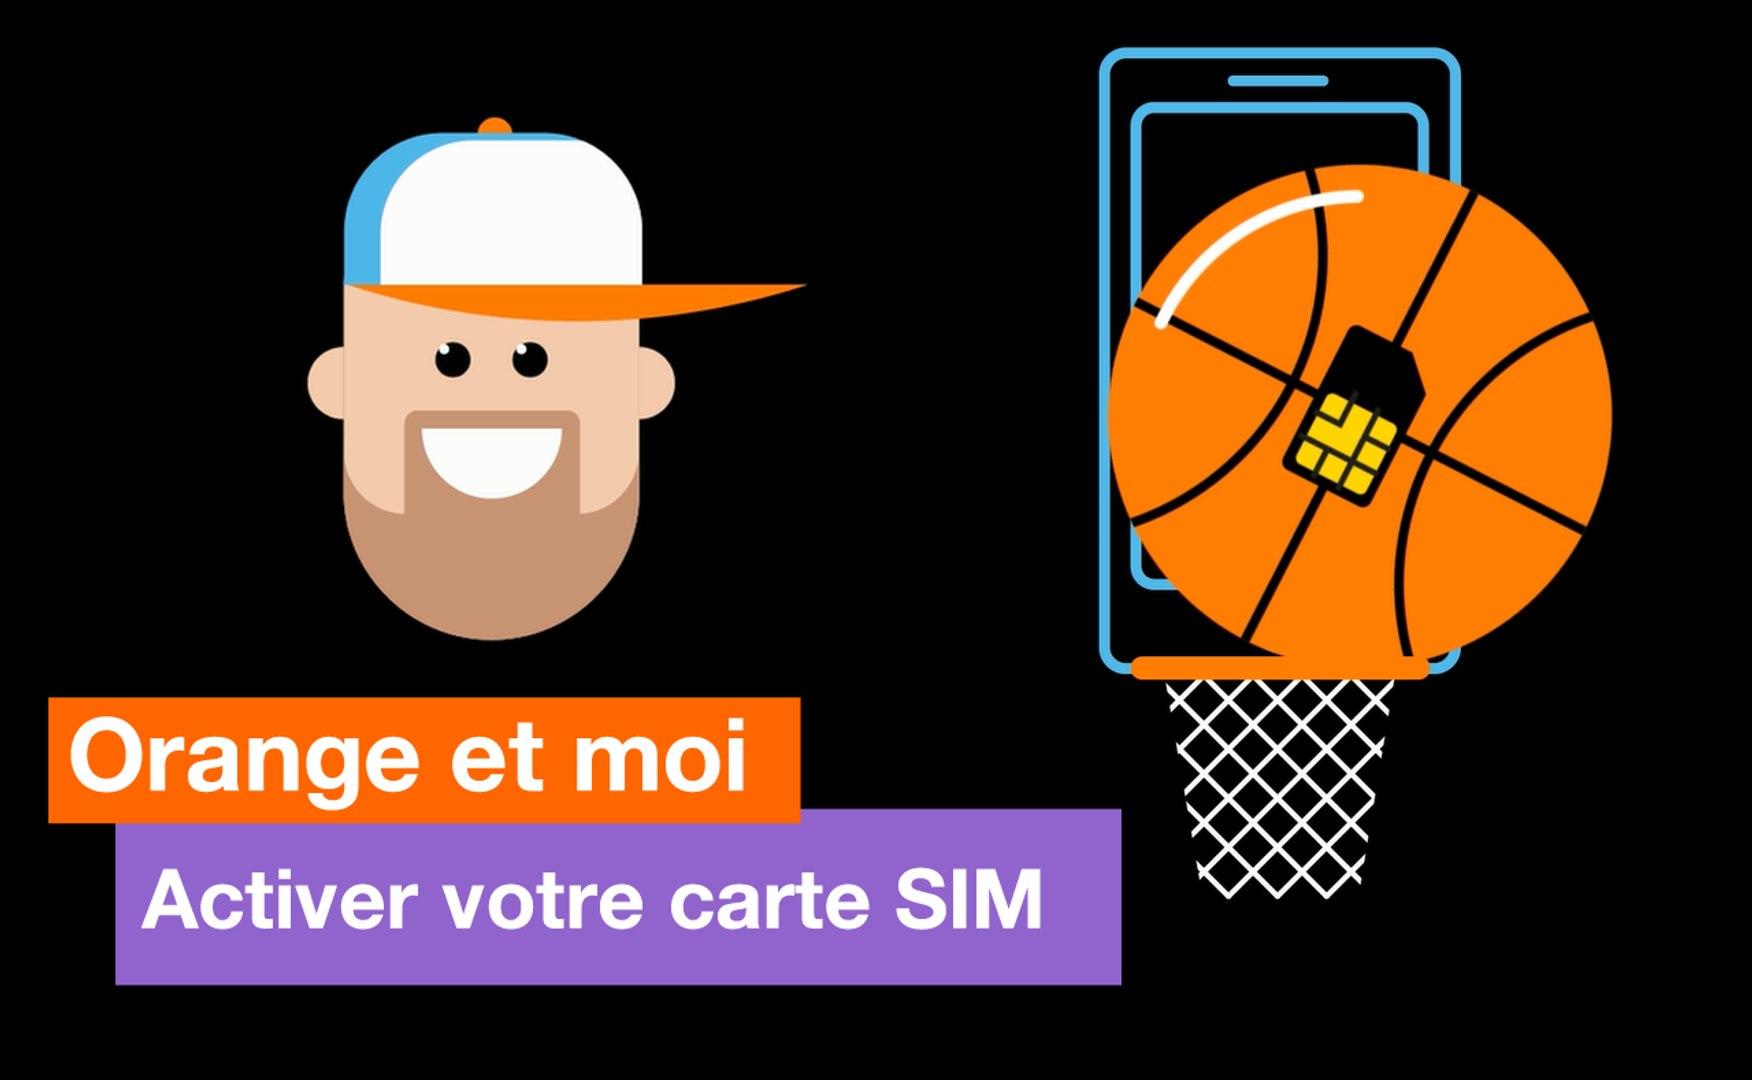 activer carte sim la poste Orange et moi   Activer votre carte SIM   Orange   Vidéo Dailymotion